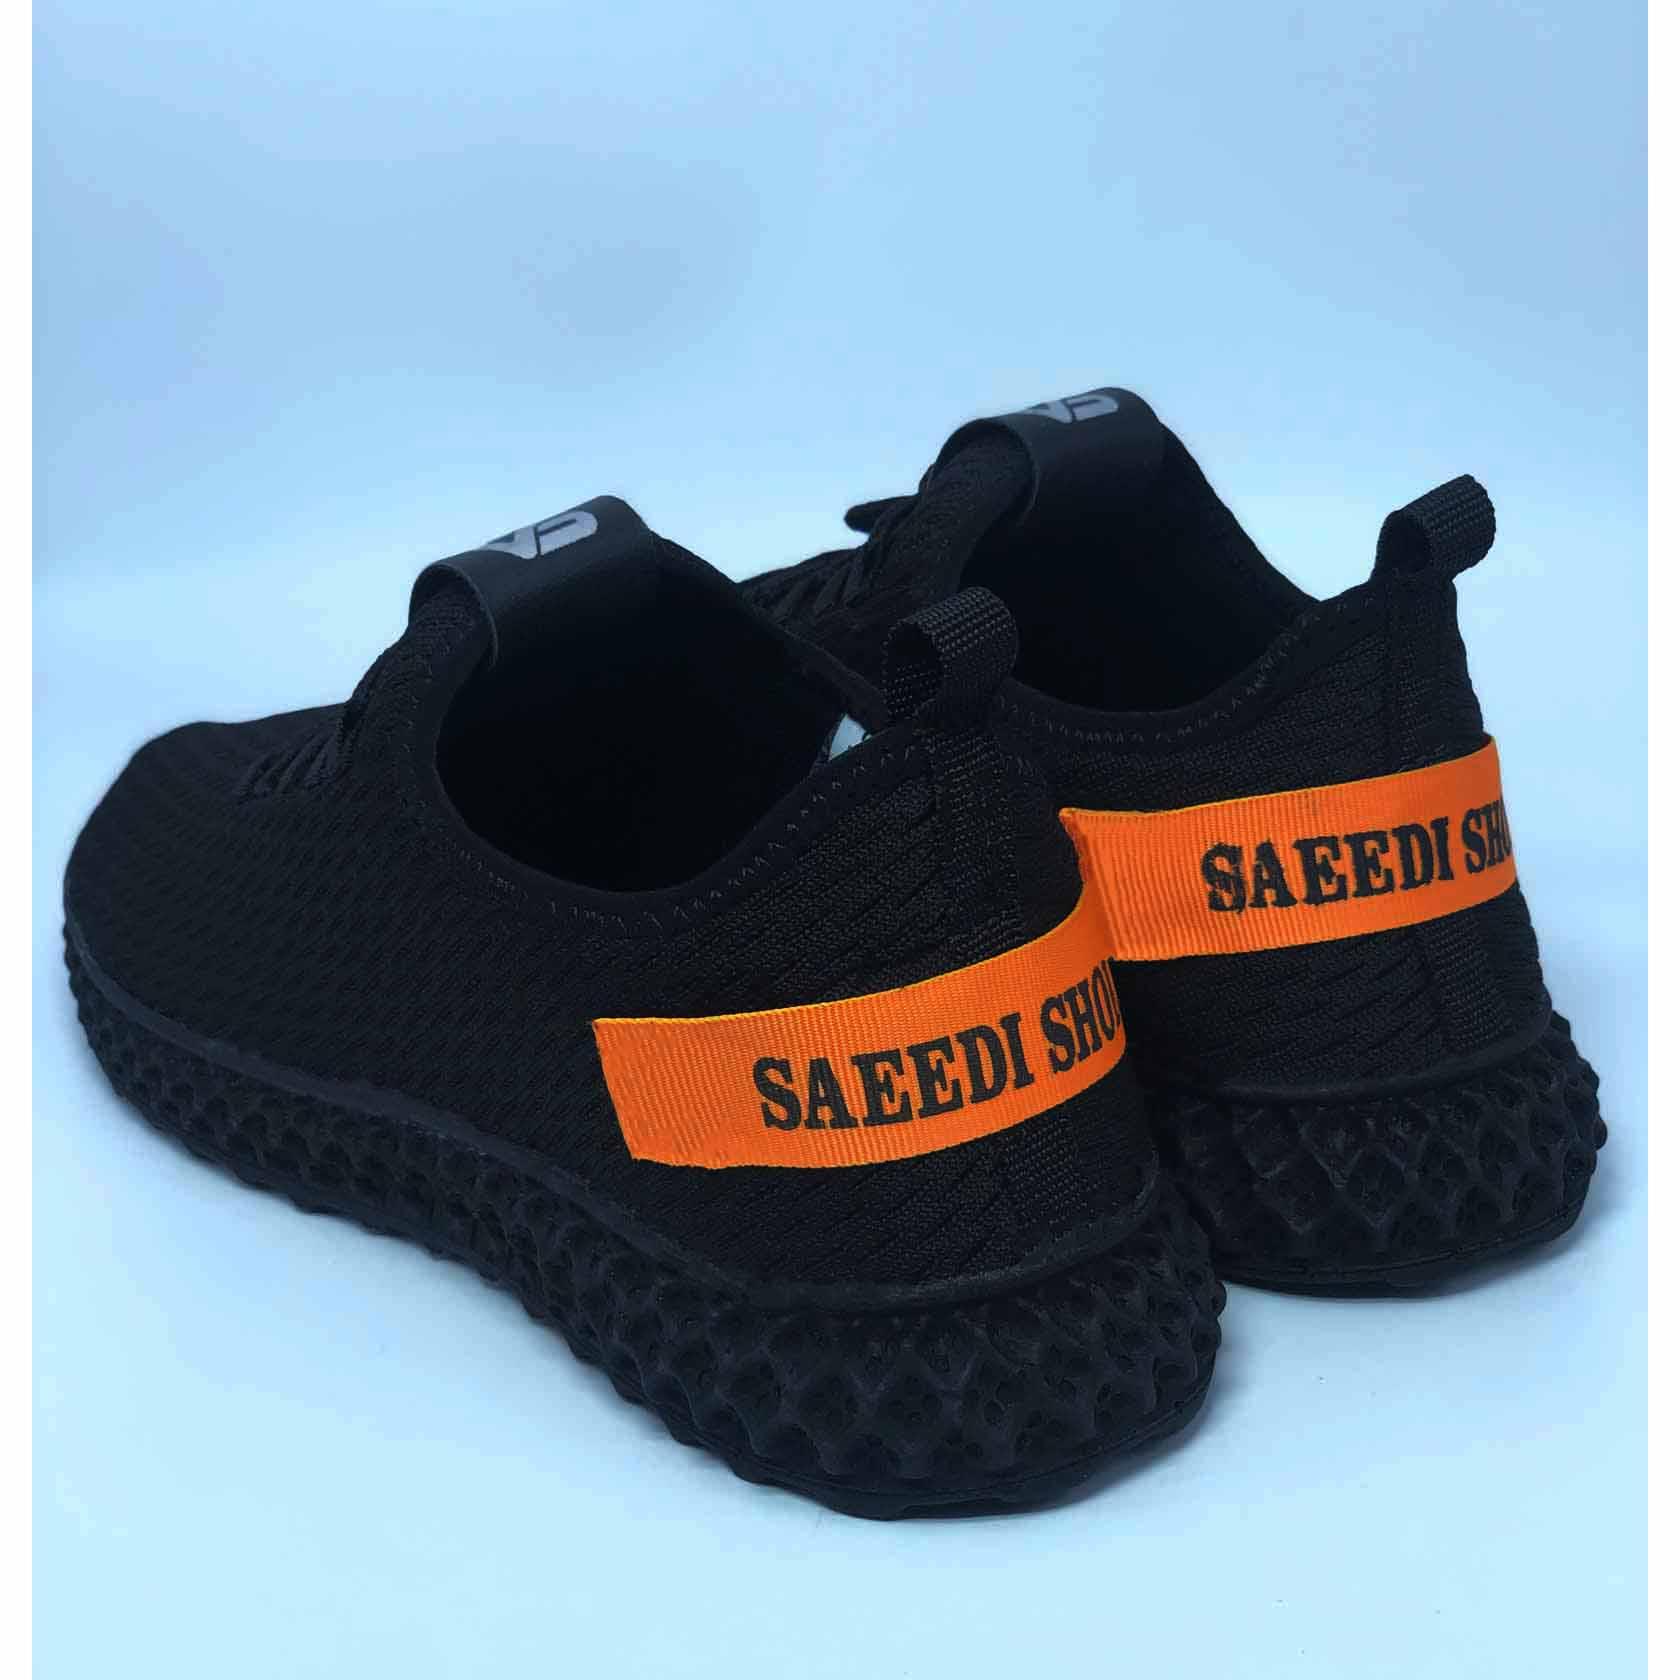 کفش مخصوص پیاده روی سعیدی کد Sa 304 thumb 6